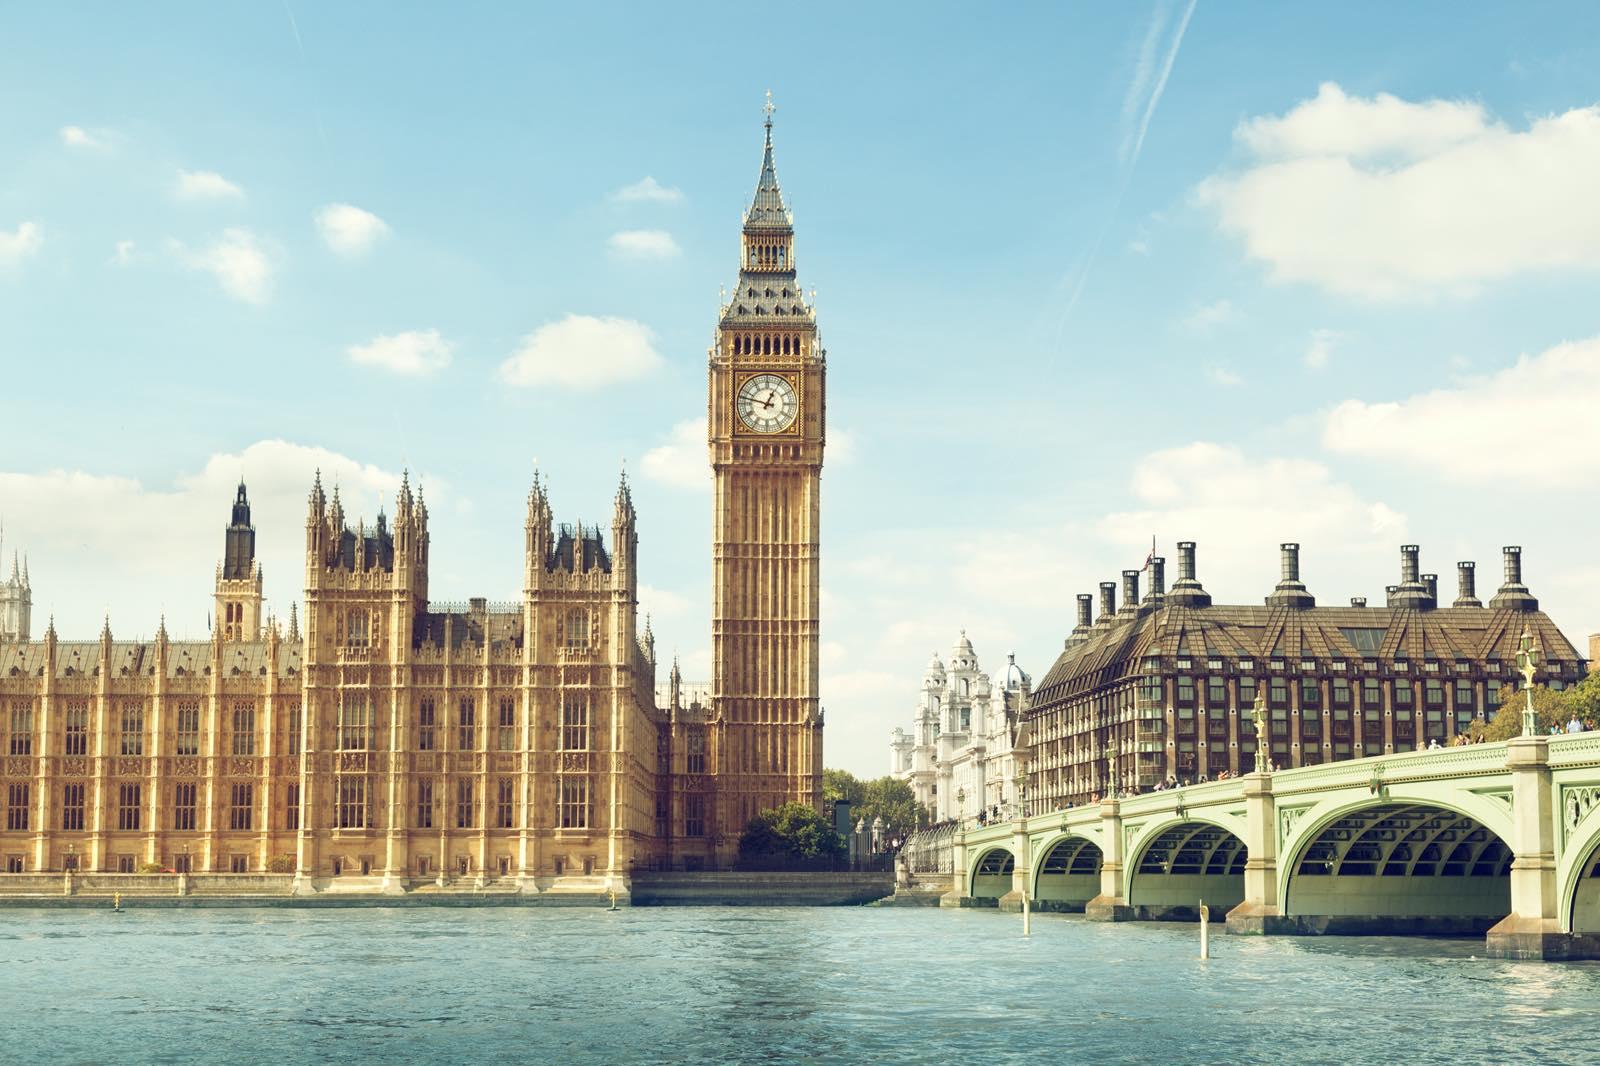 ロンドンの時計台